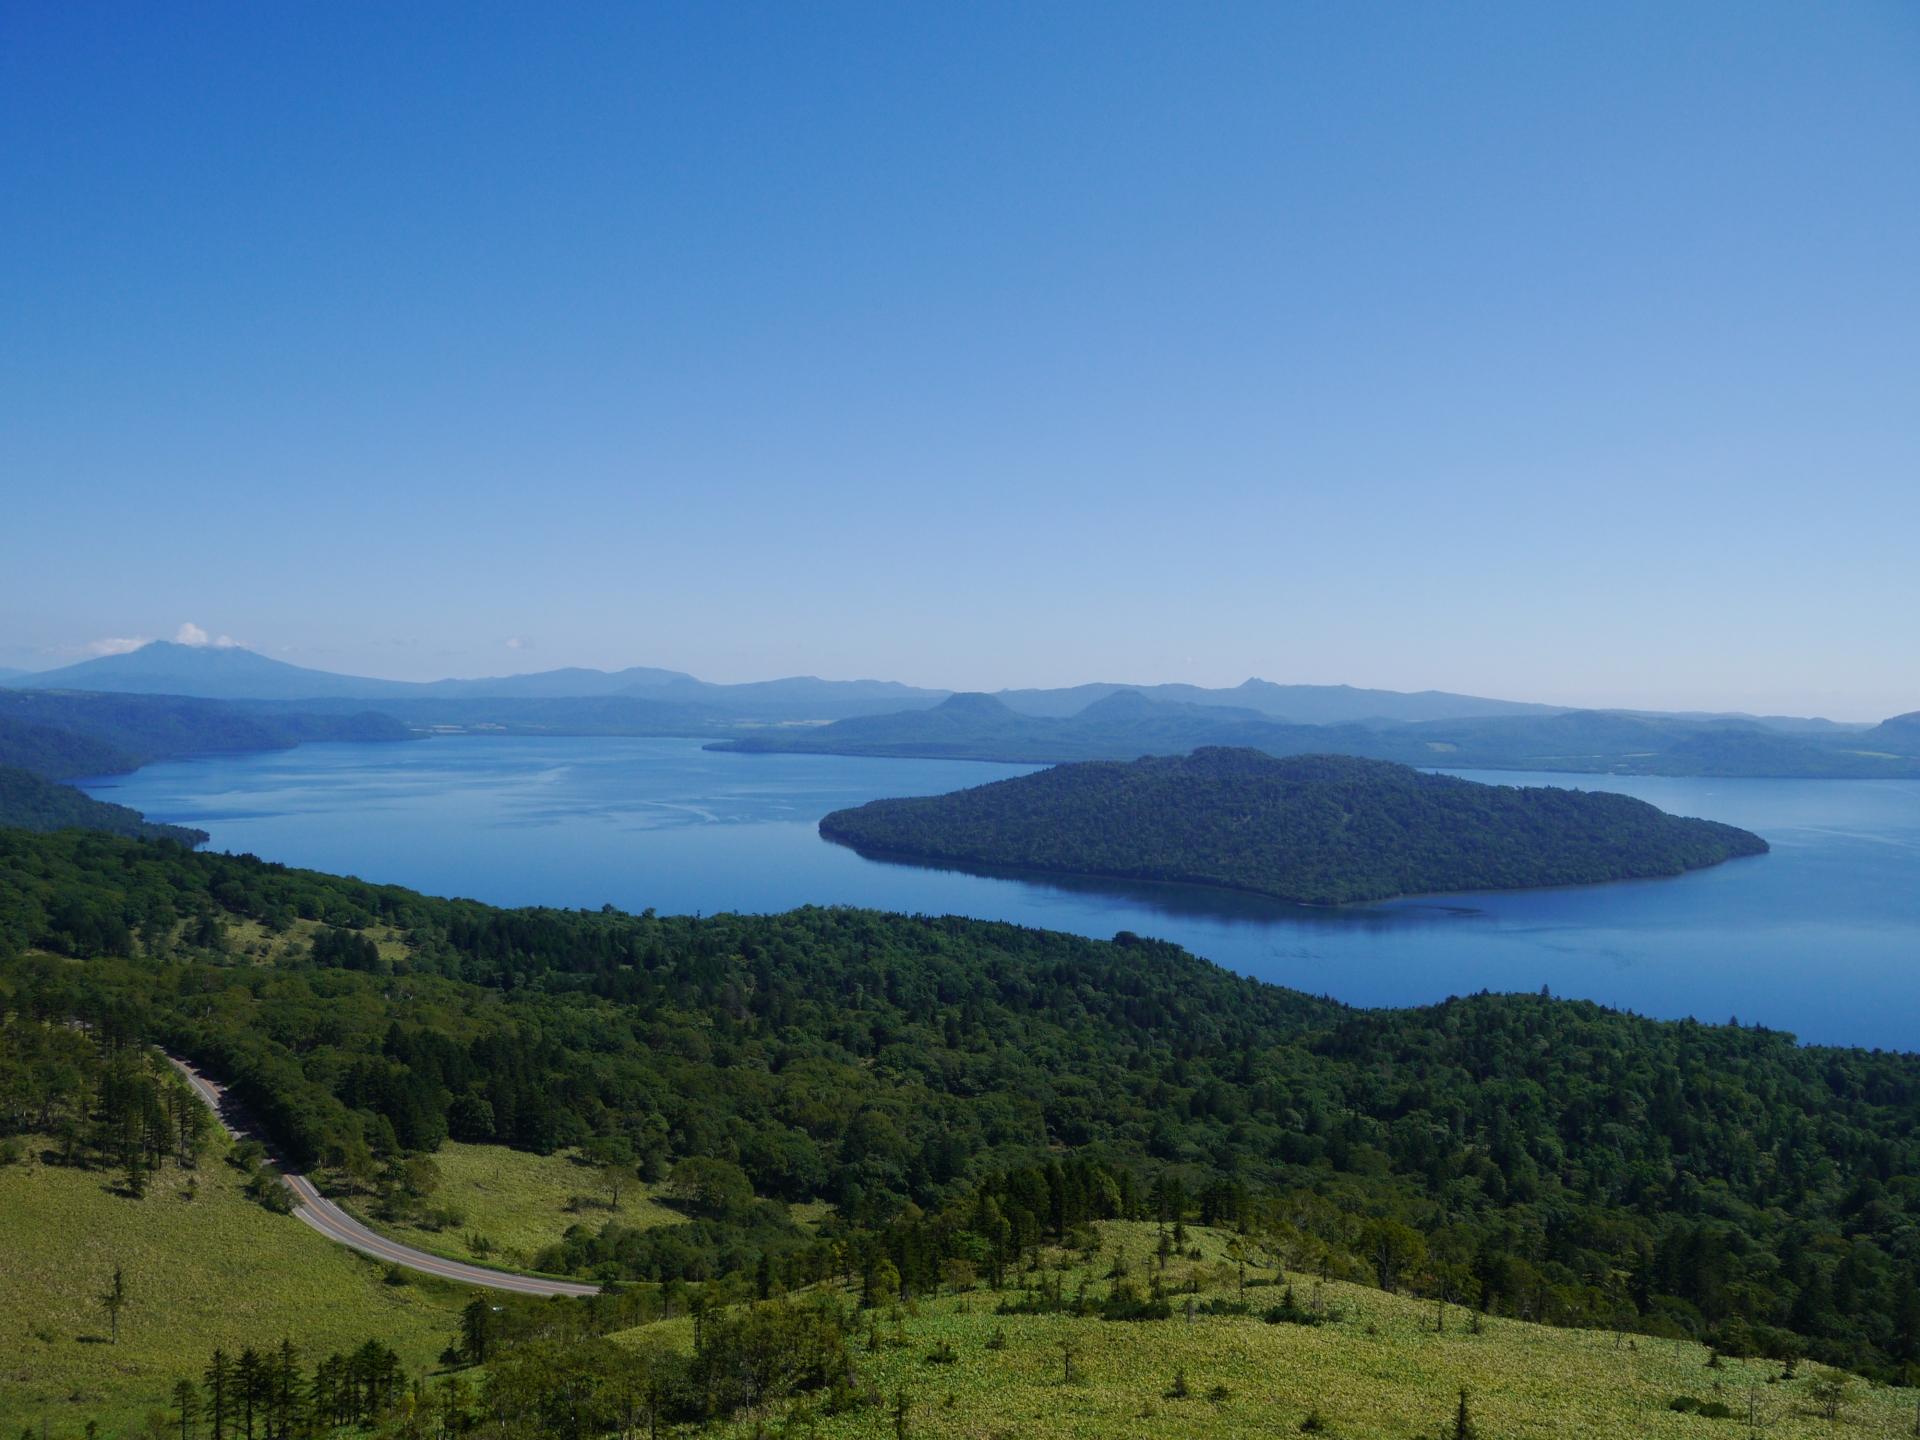 屈斜路湖の観光情報まとめ!温泉や雲海などのおすすめスポットをご紹介!